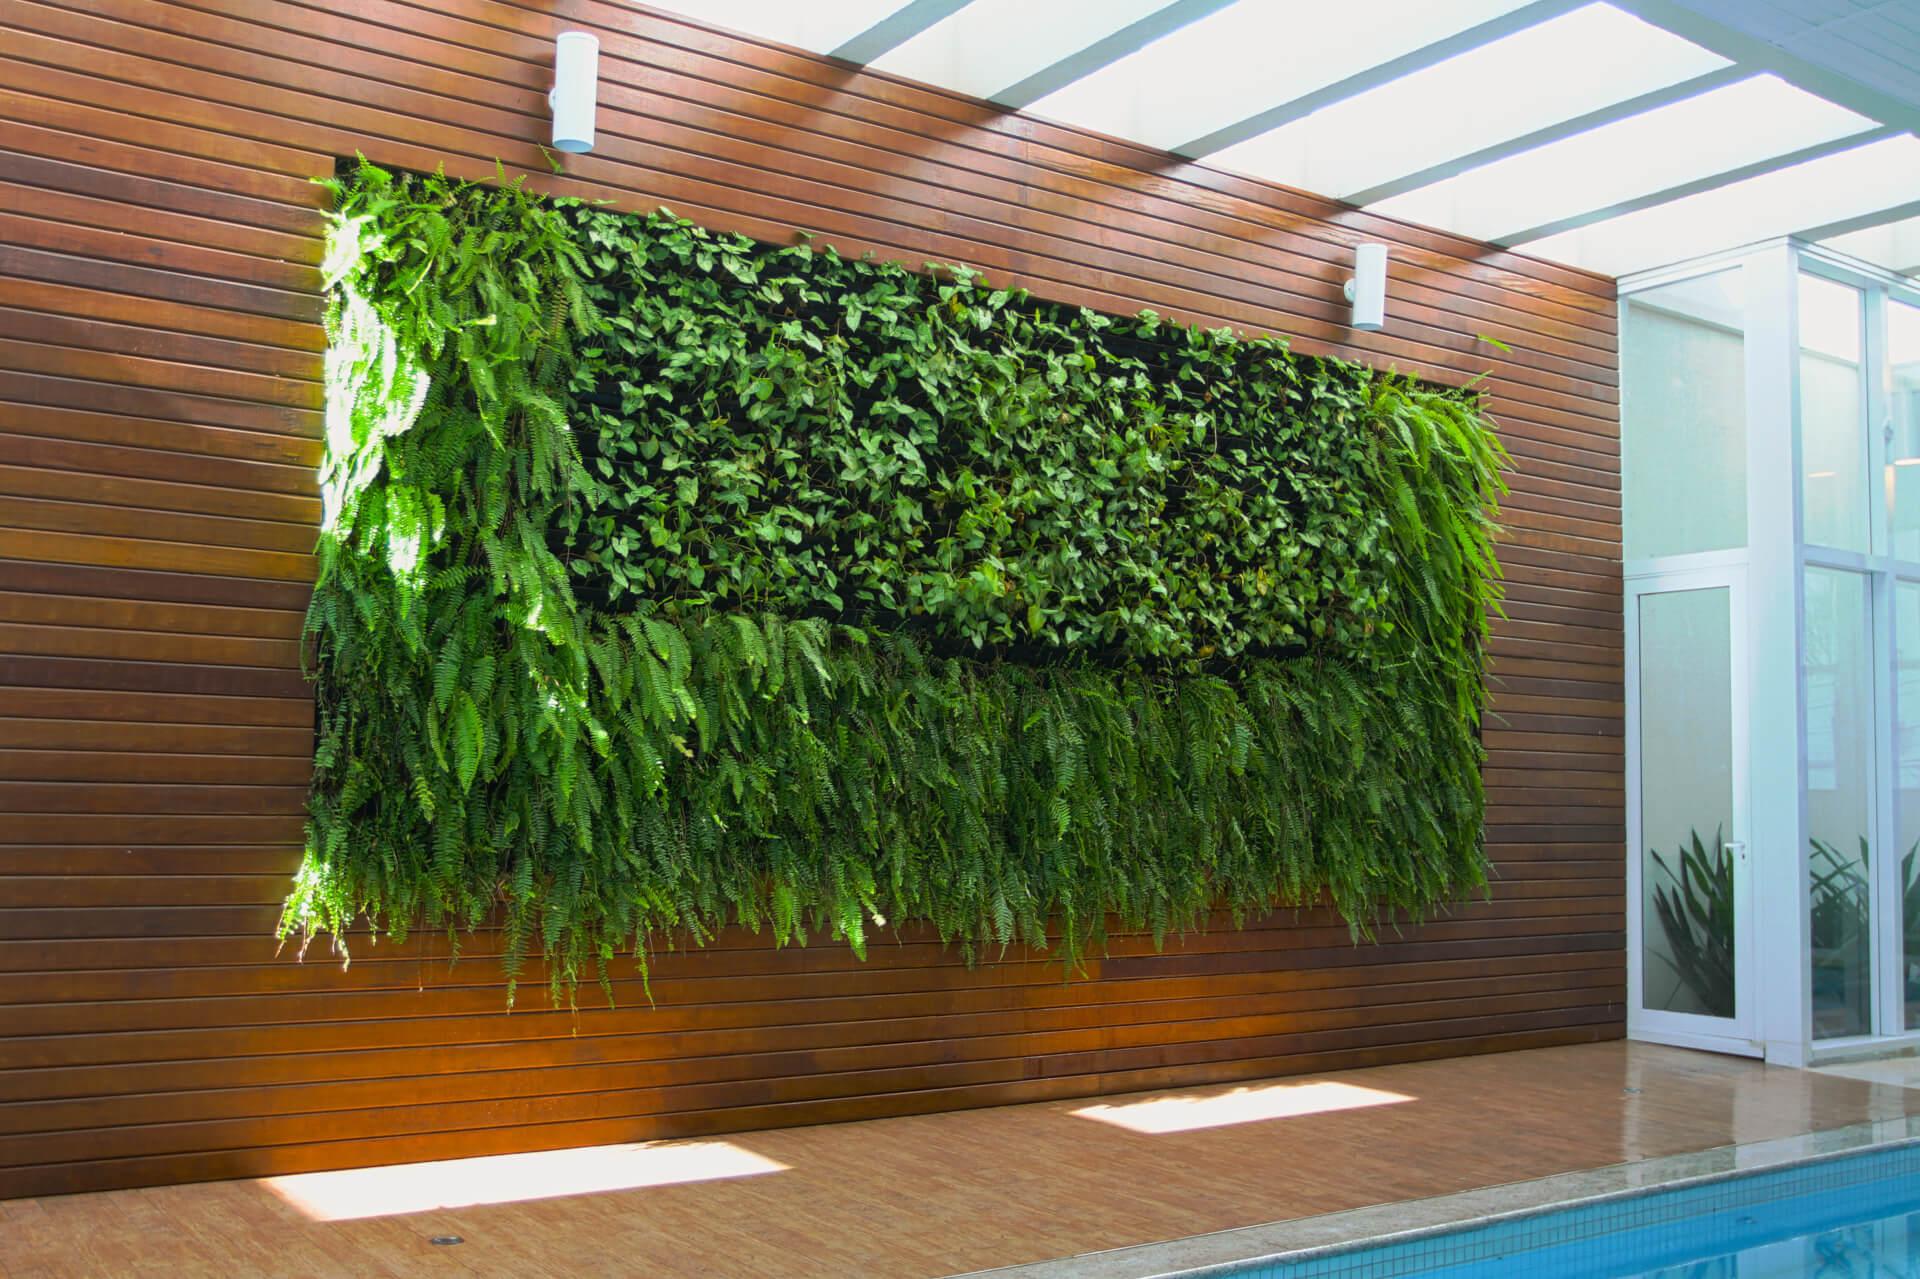 Galeria de Fotos Ecotelhado Ecotelhado #6C431D 4822x3211 Banheiro Com Jardim Vertical